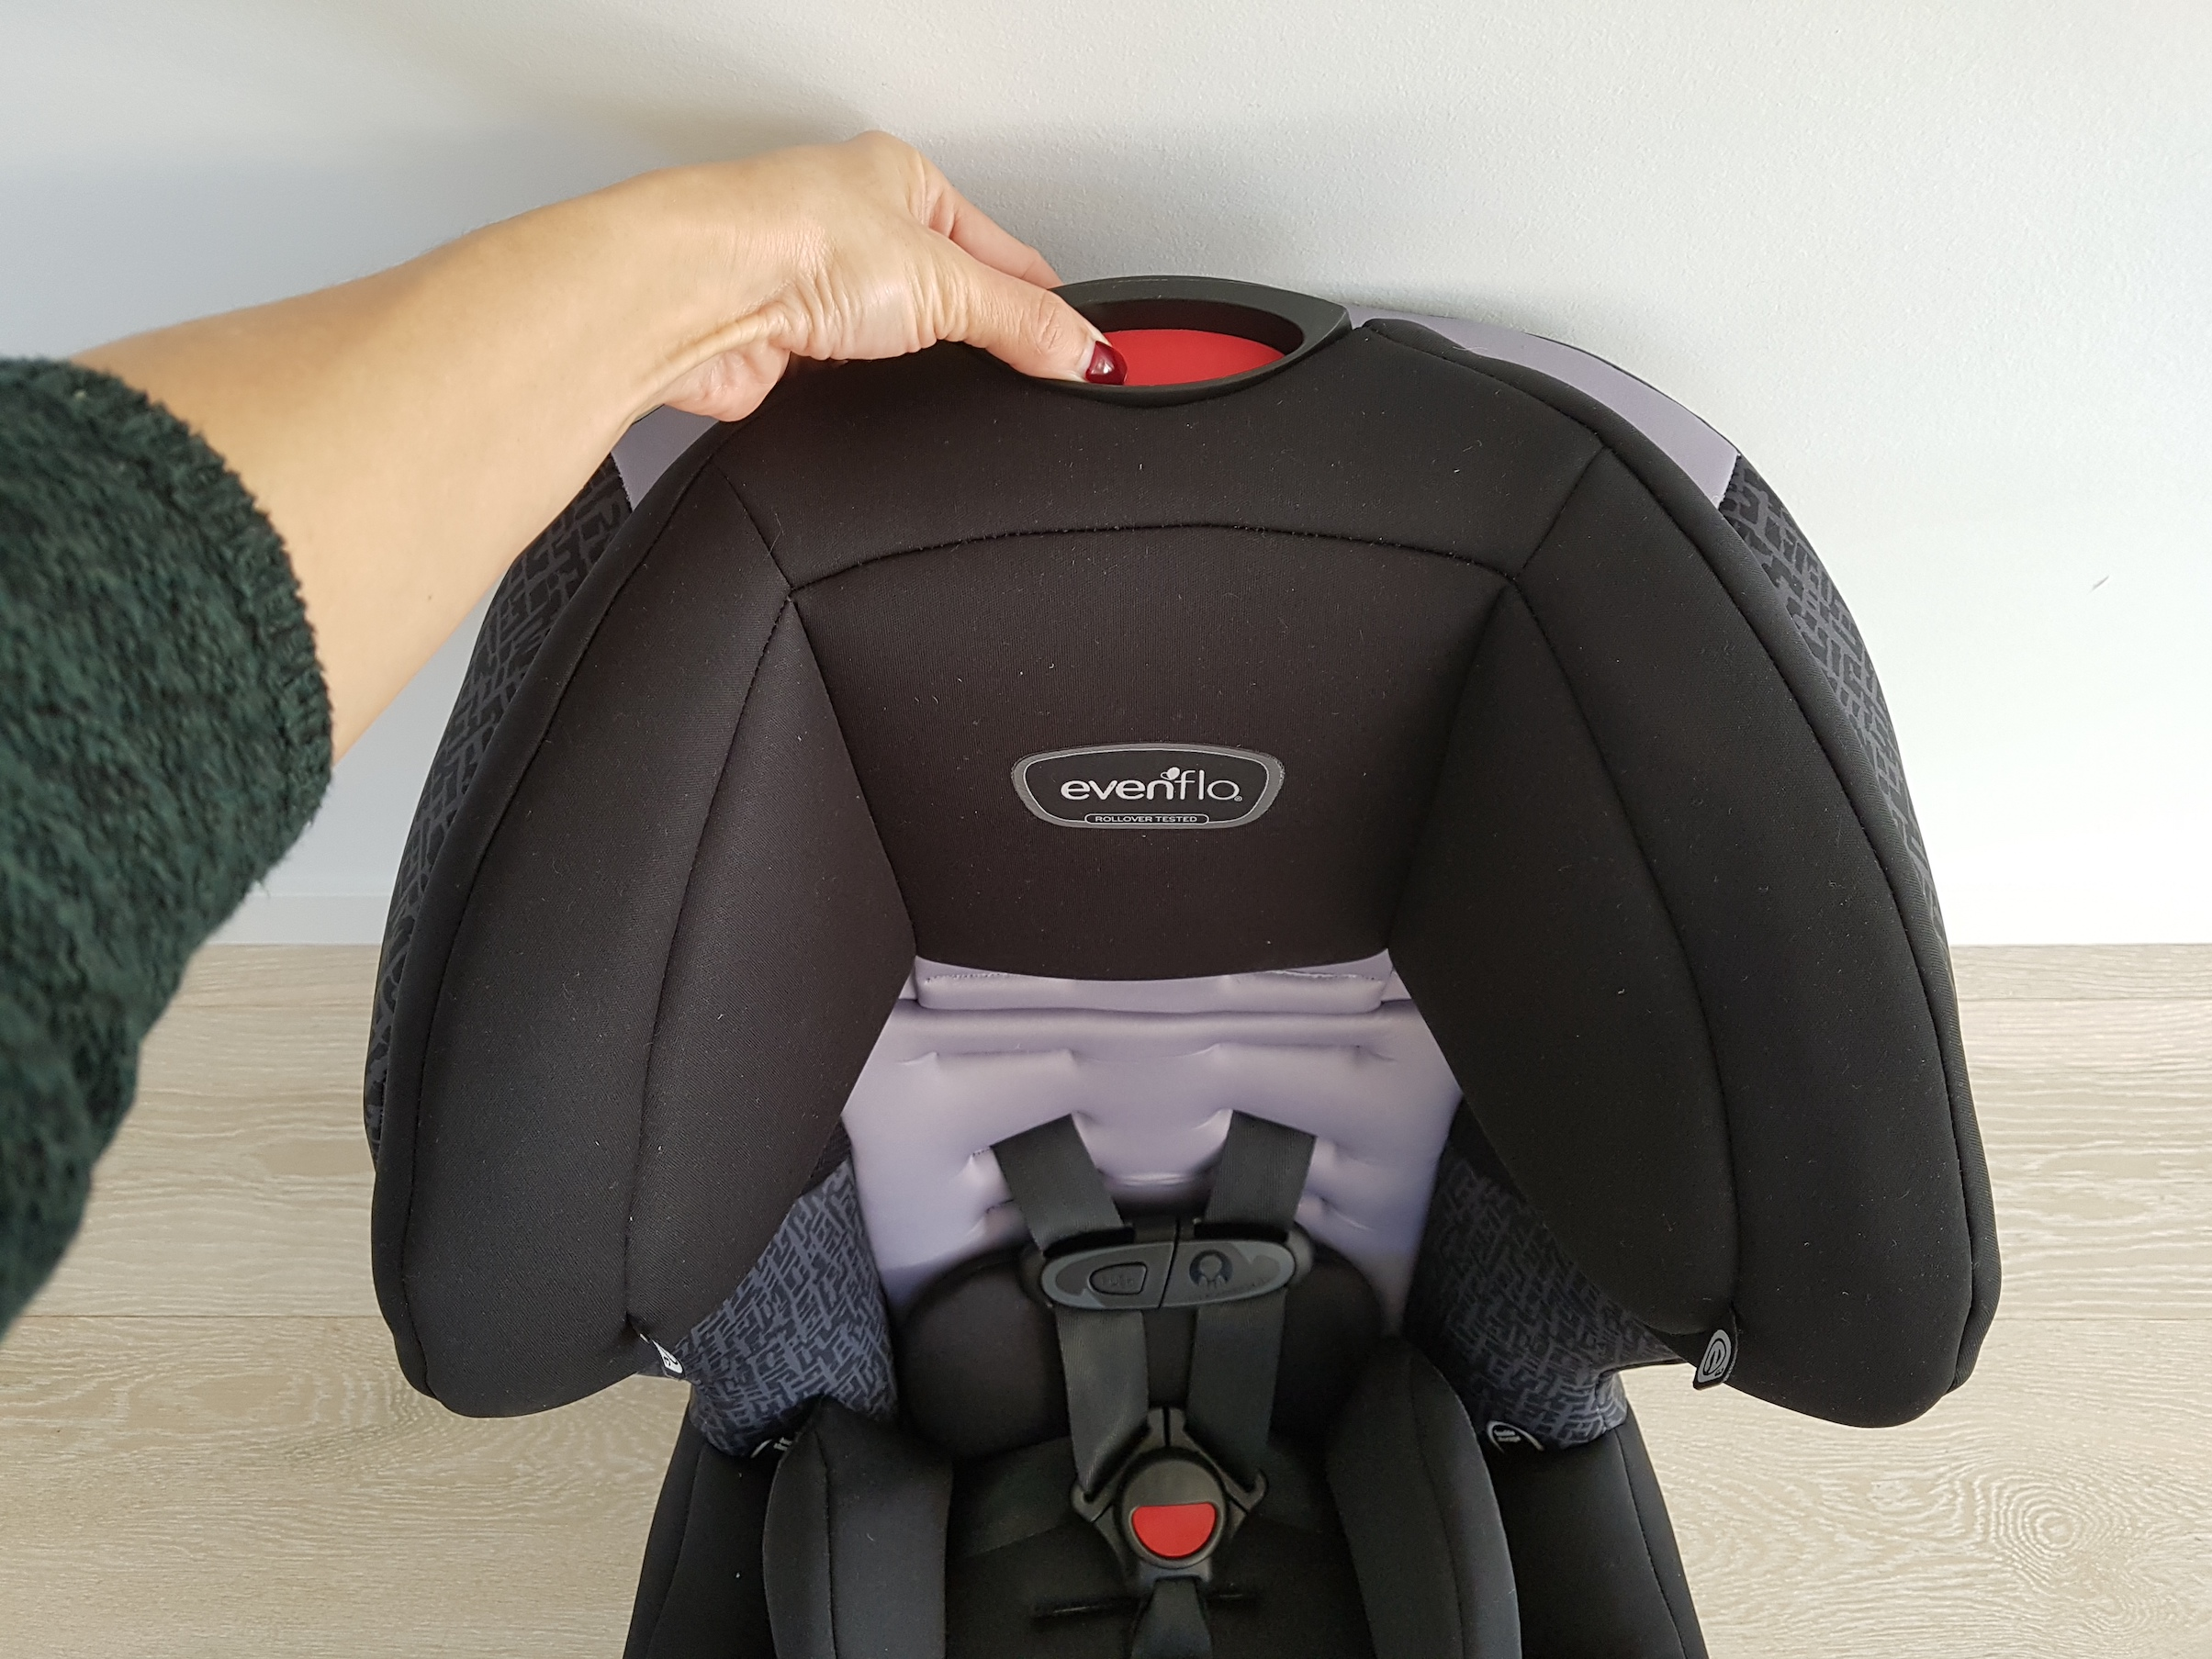 evenflo_car_seat_bby_head_rest1